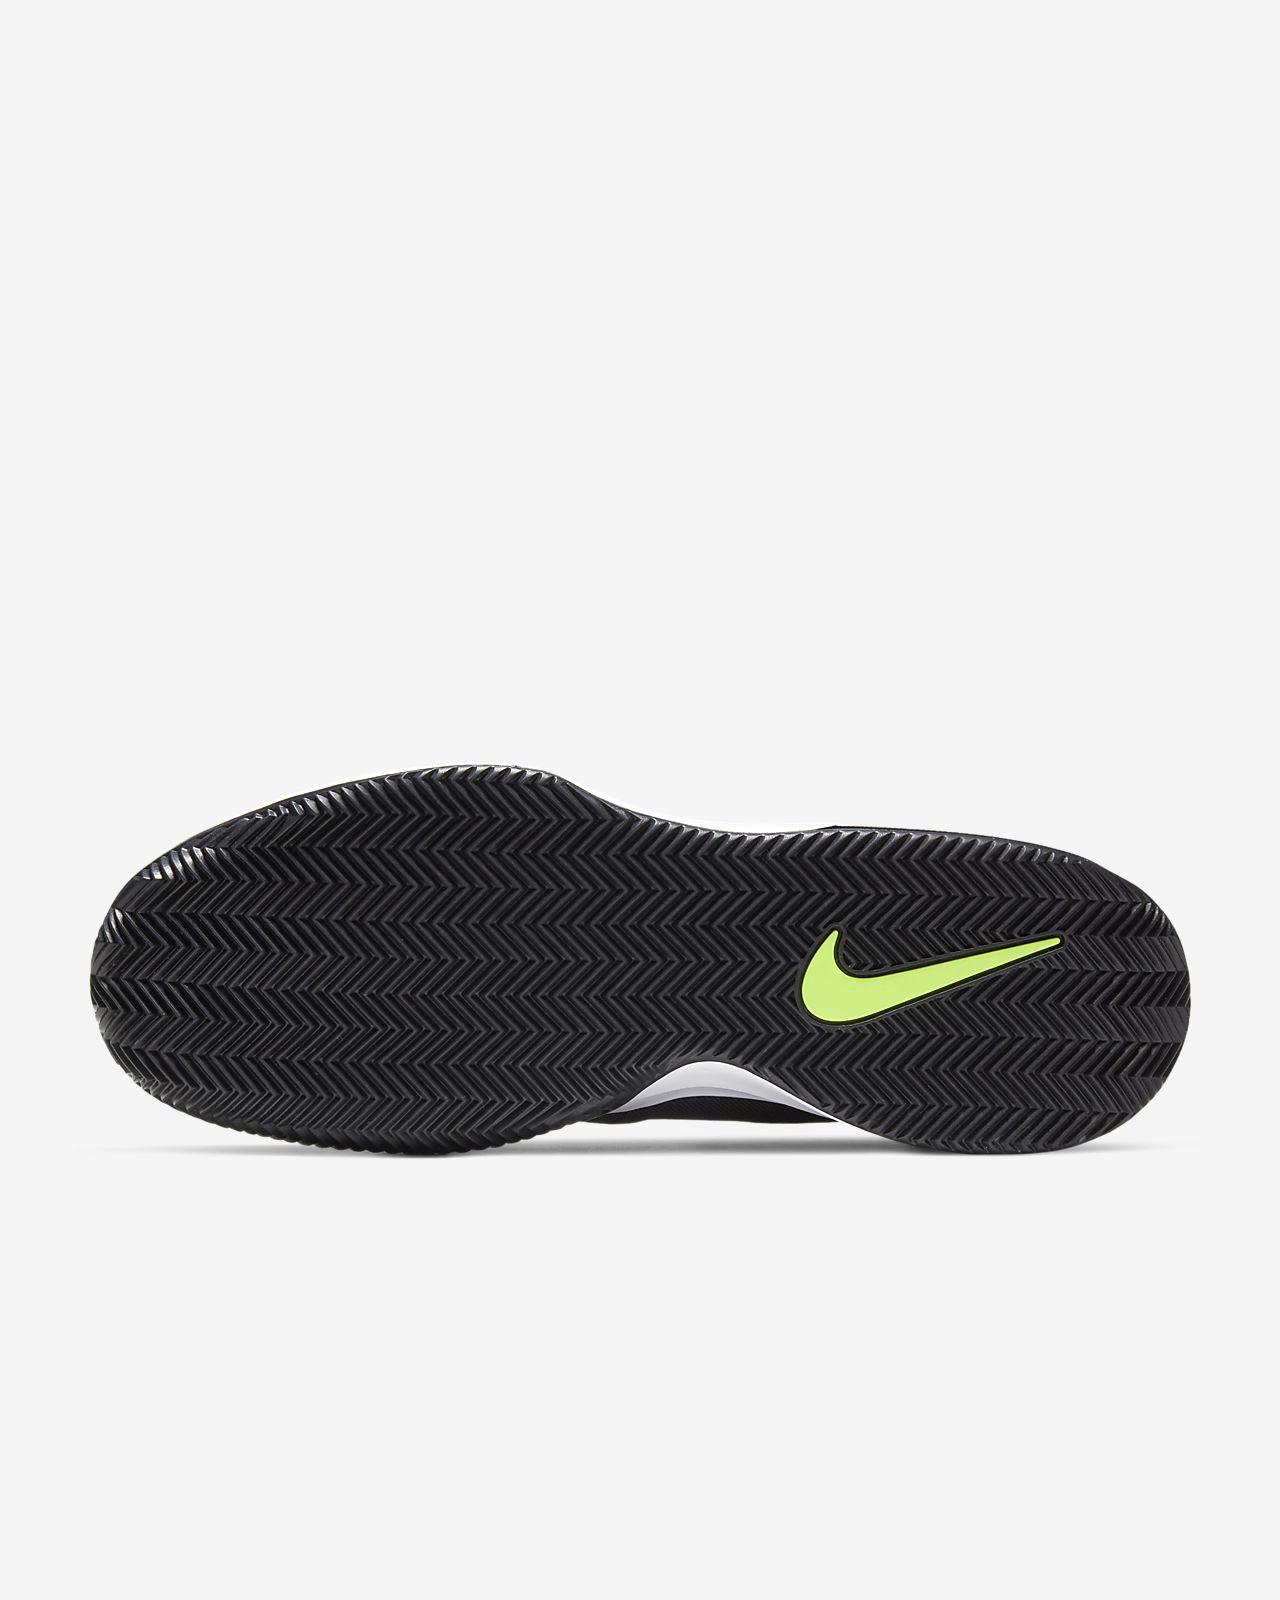 zapatillas tenis nike tierra batida